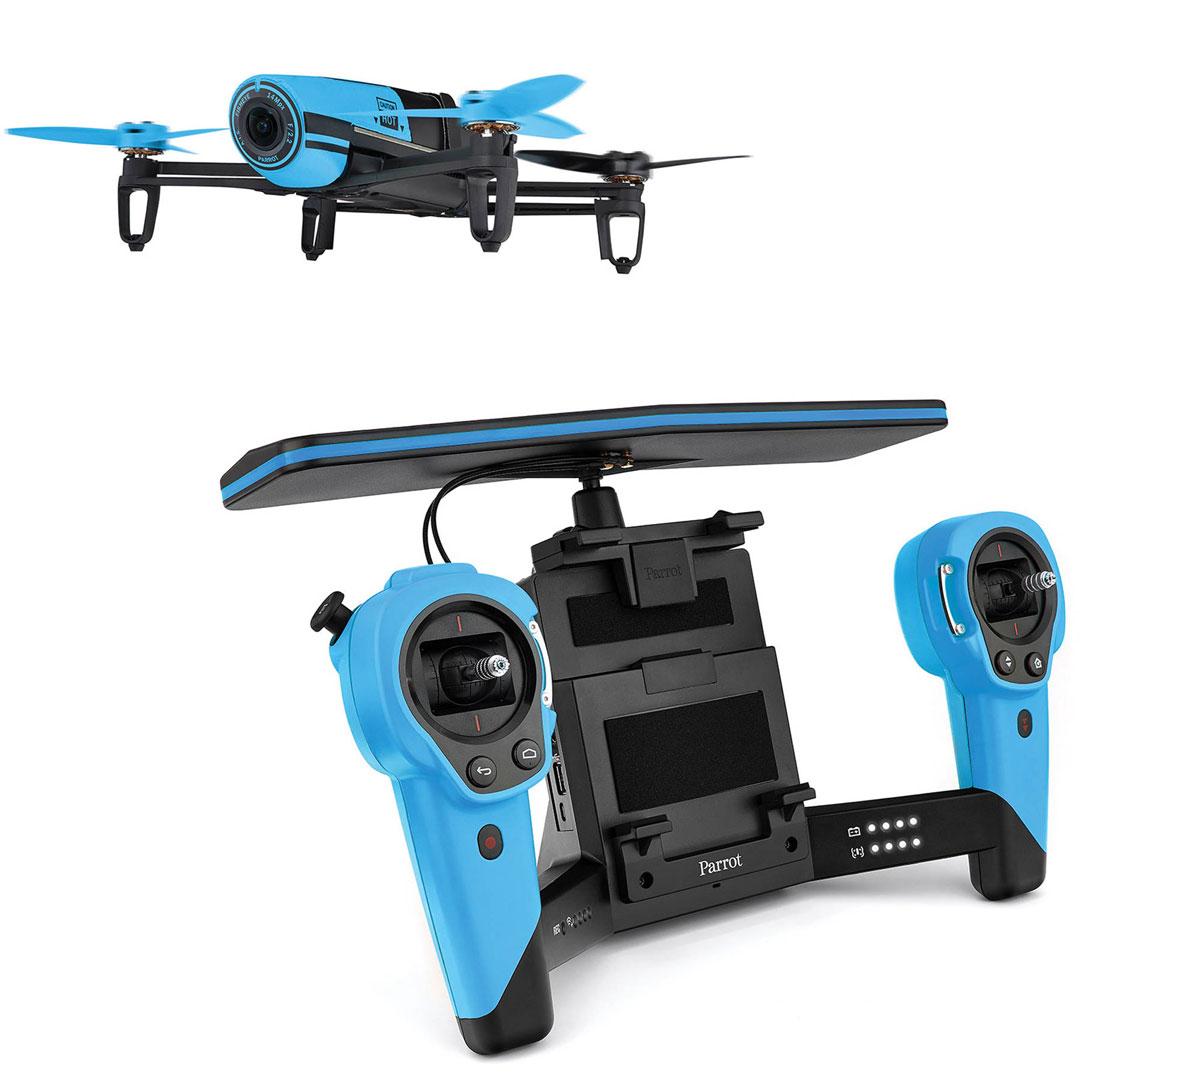 Parrot Квадрокоптер на радиоуправлении Bebop Drone + Skycontroller цвет голубой